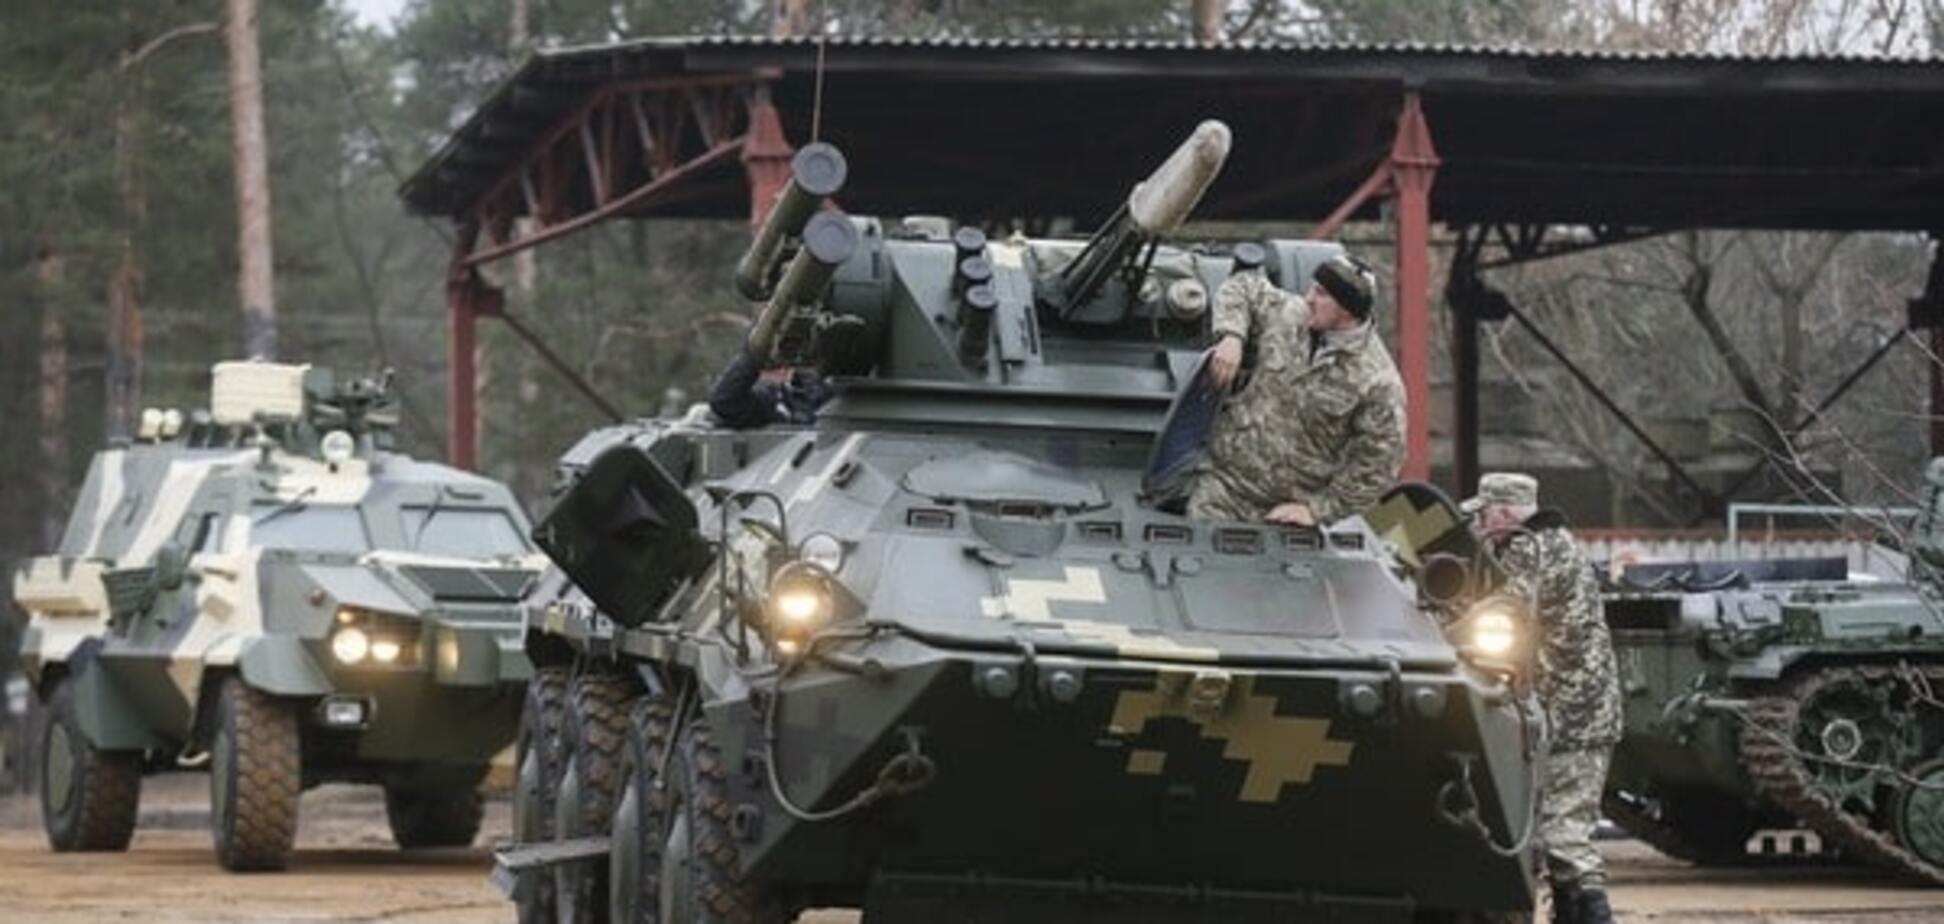 Ми чекаємо команду: полковник розвідки заявив, що українська армія готова звільнити Донбас